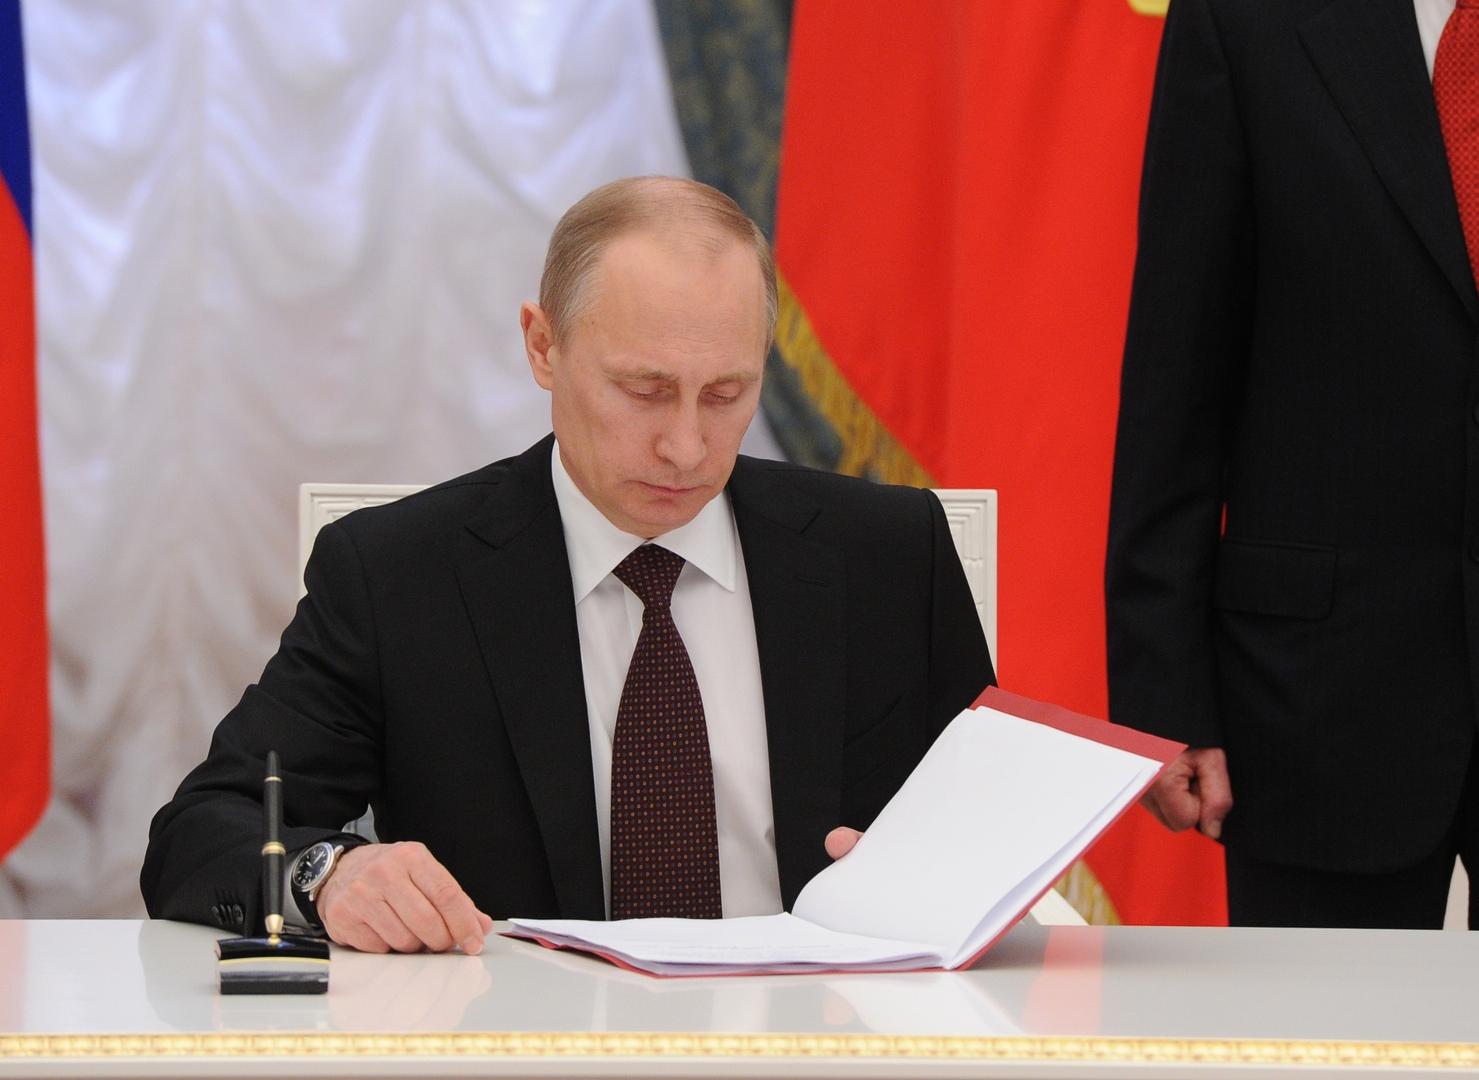 بوتين يوقع على قانون جديد لدعم الشركات المتضررة من كورونا